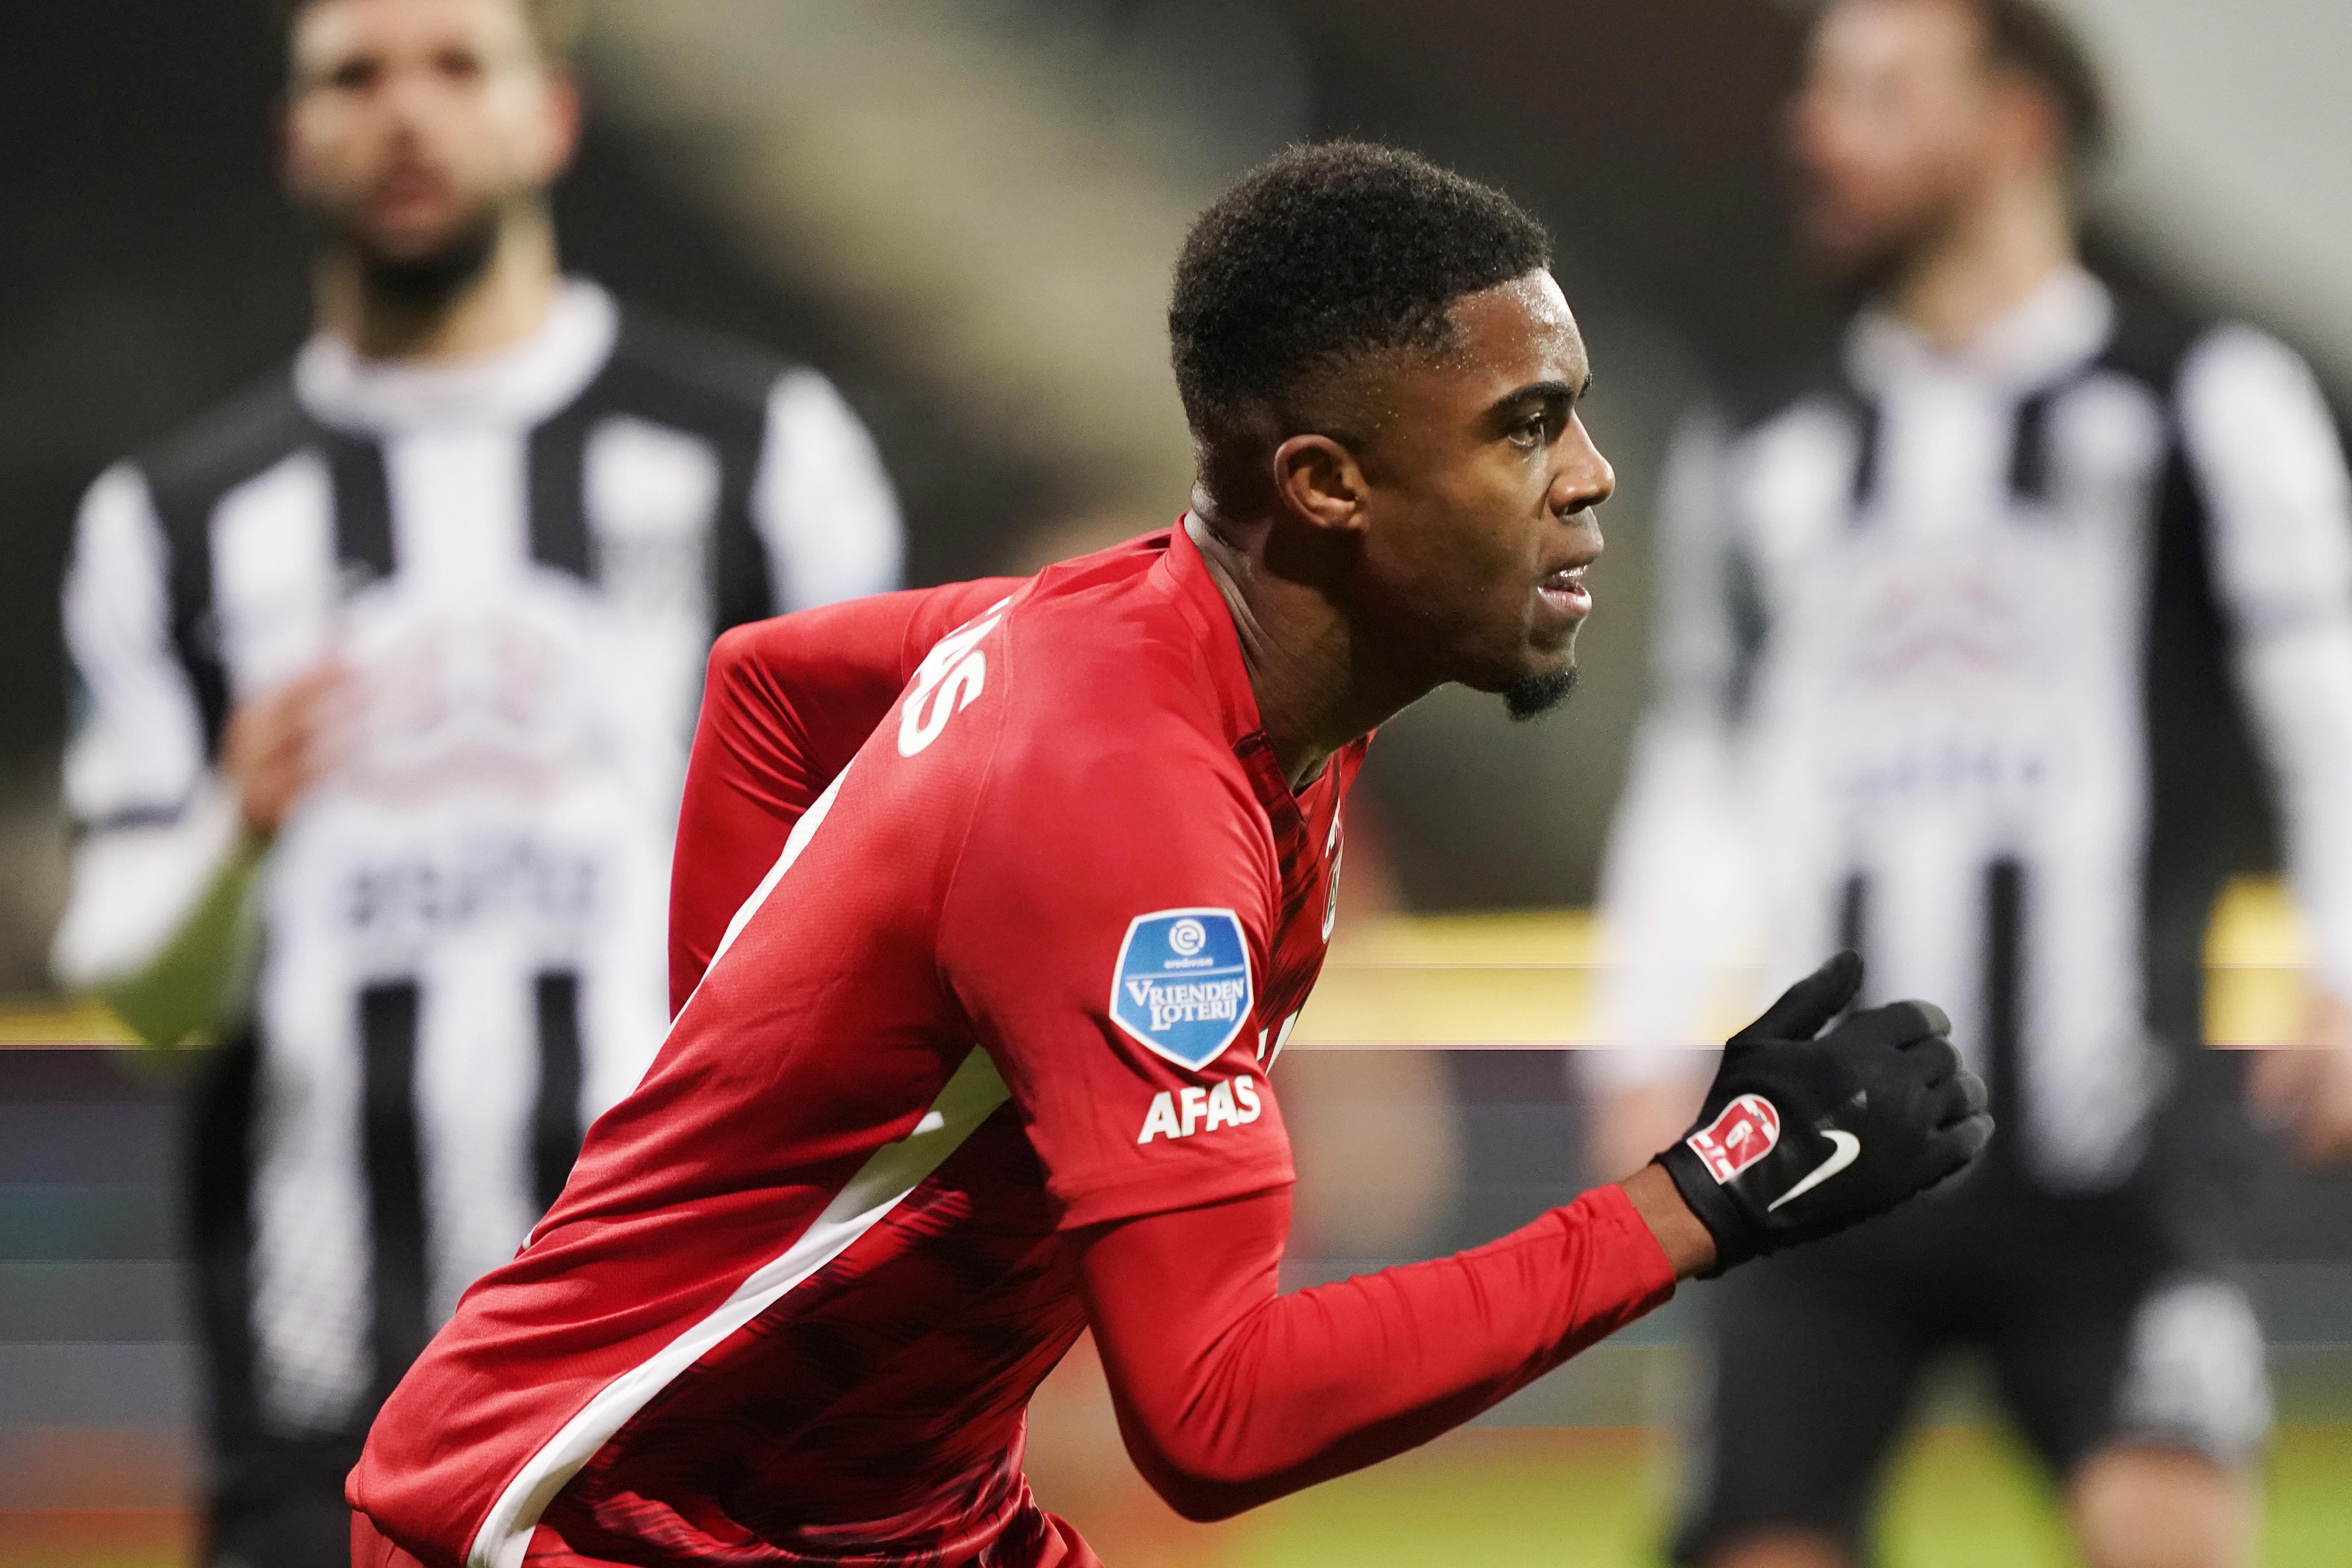 Myron Boadu scoort en is weer écht terug na zijn coronabesmetting: 'Na een sprintje op de training stond ik meteen met m'n handen op m'n knieën. Het was behelpen'